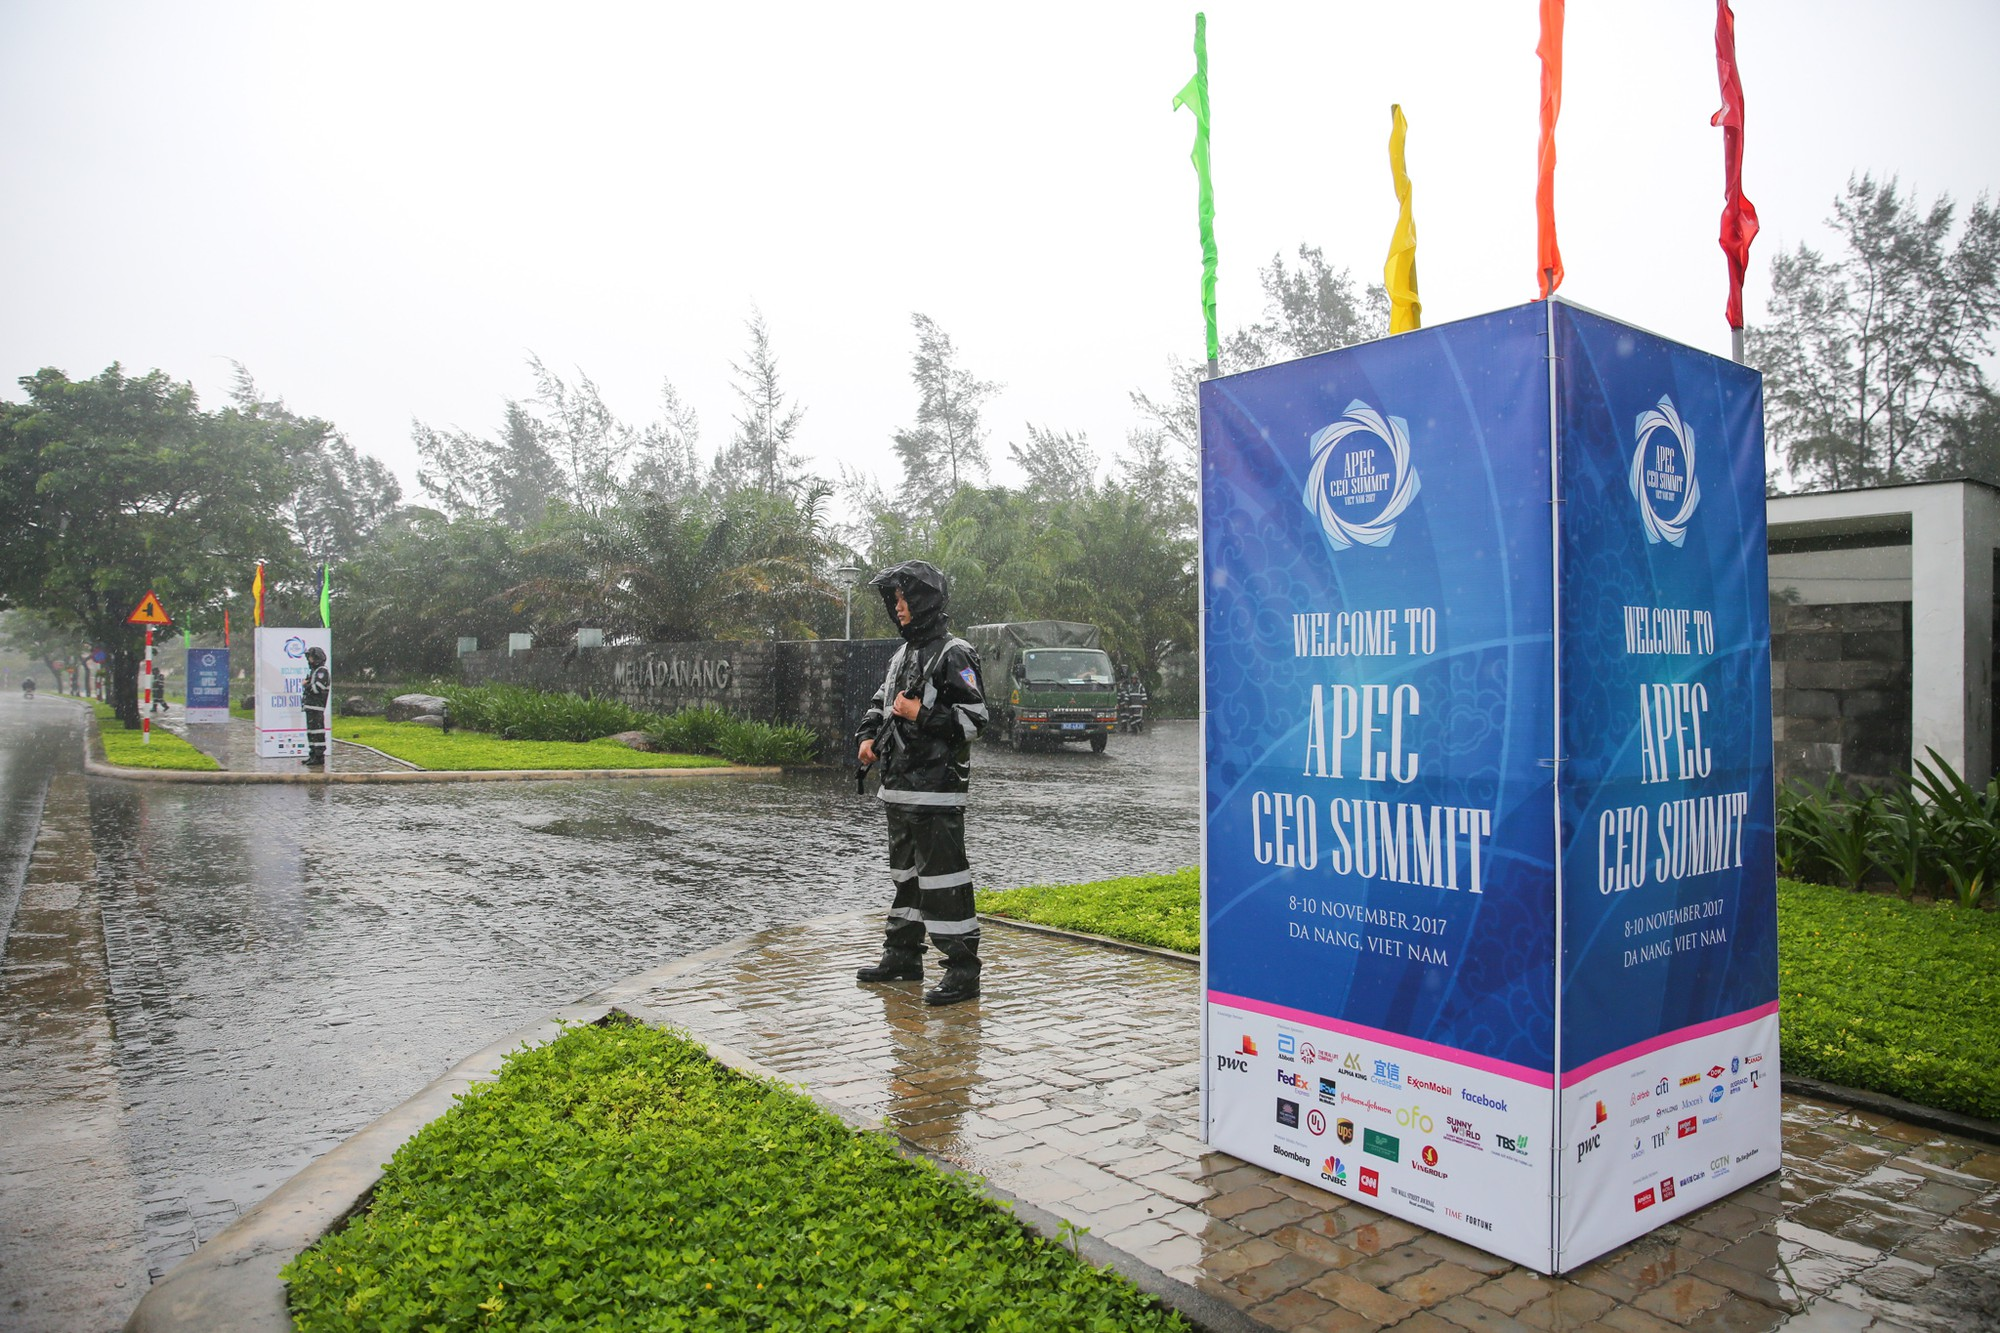 [PHOTO ESSAY] Toàn cảnh Đà Nẵng: Chạy đua với bão chuẩn bị cho khai mạc APEC - Ảnh 12.